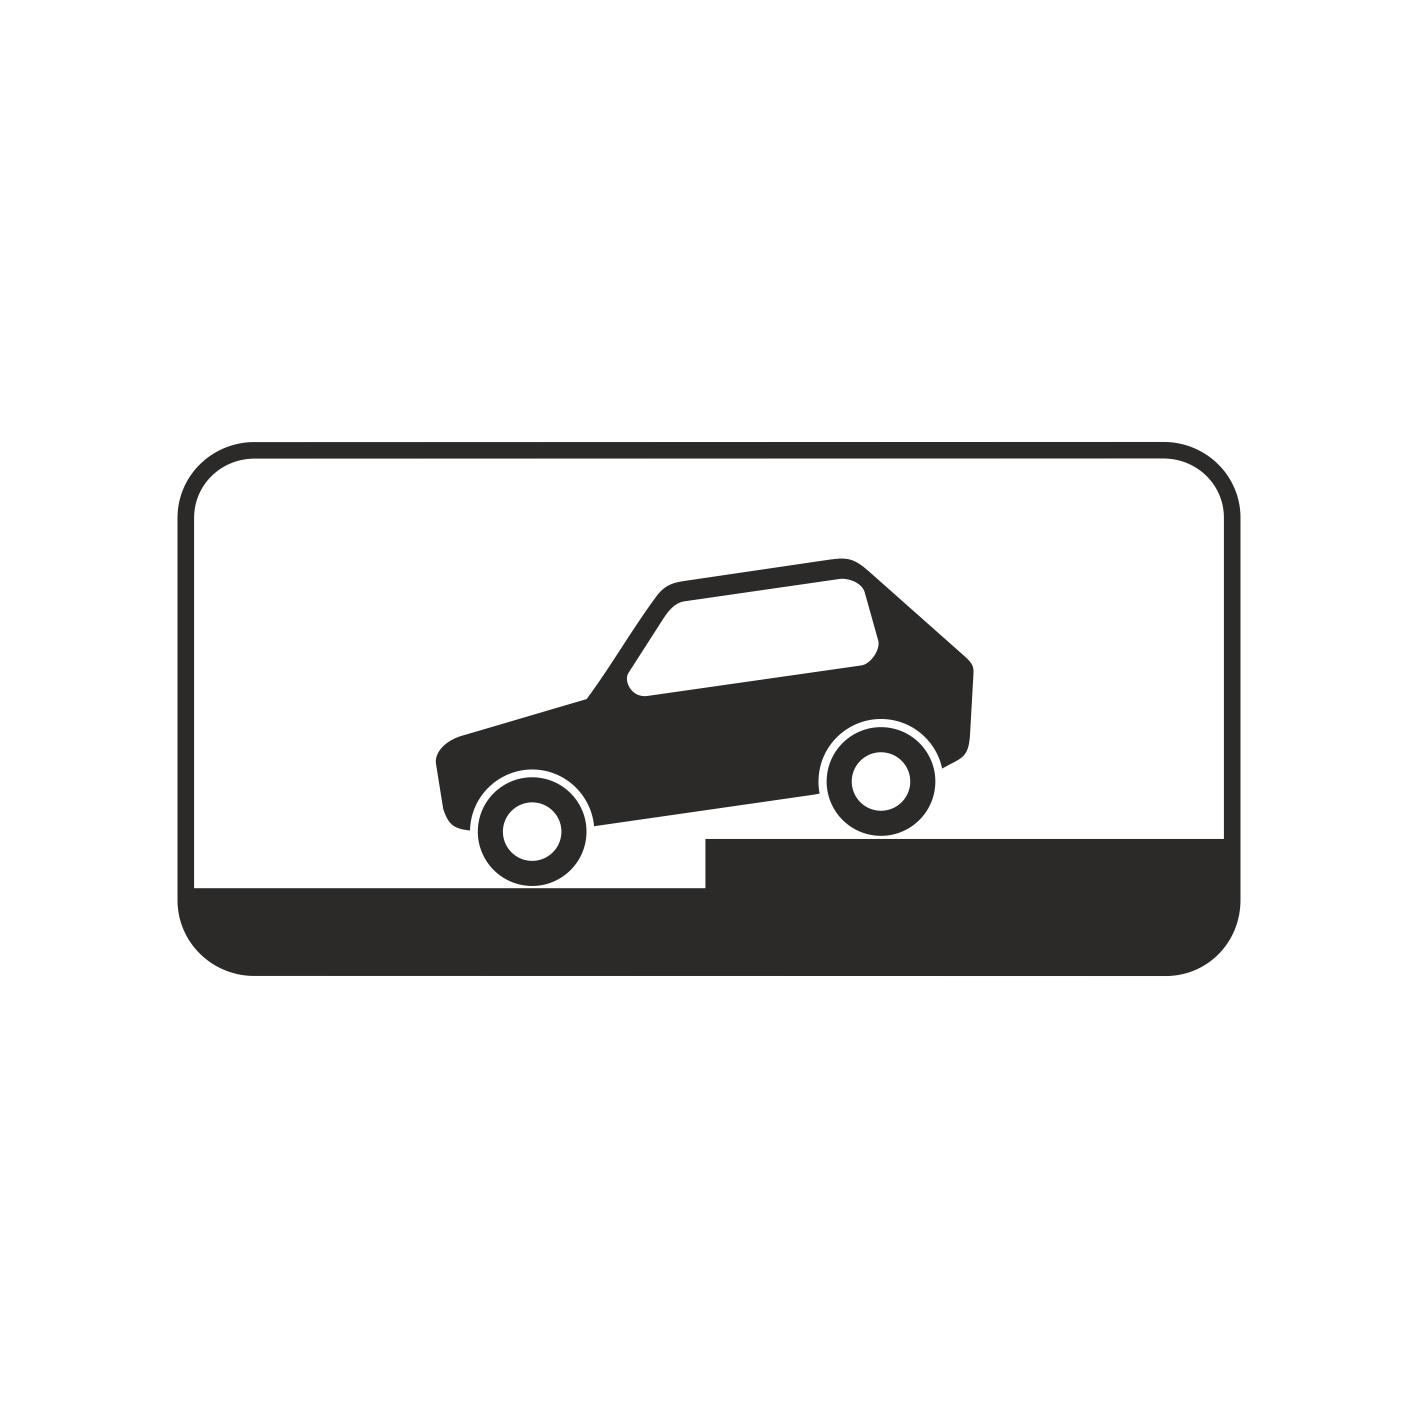 8.6.6 Способ постановки транспортного средства на стоянку